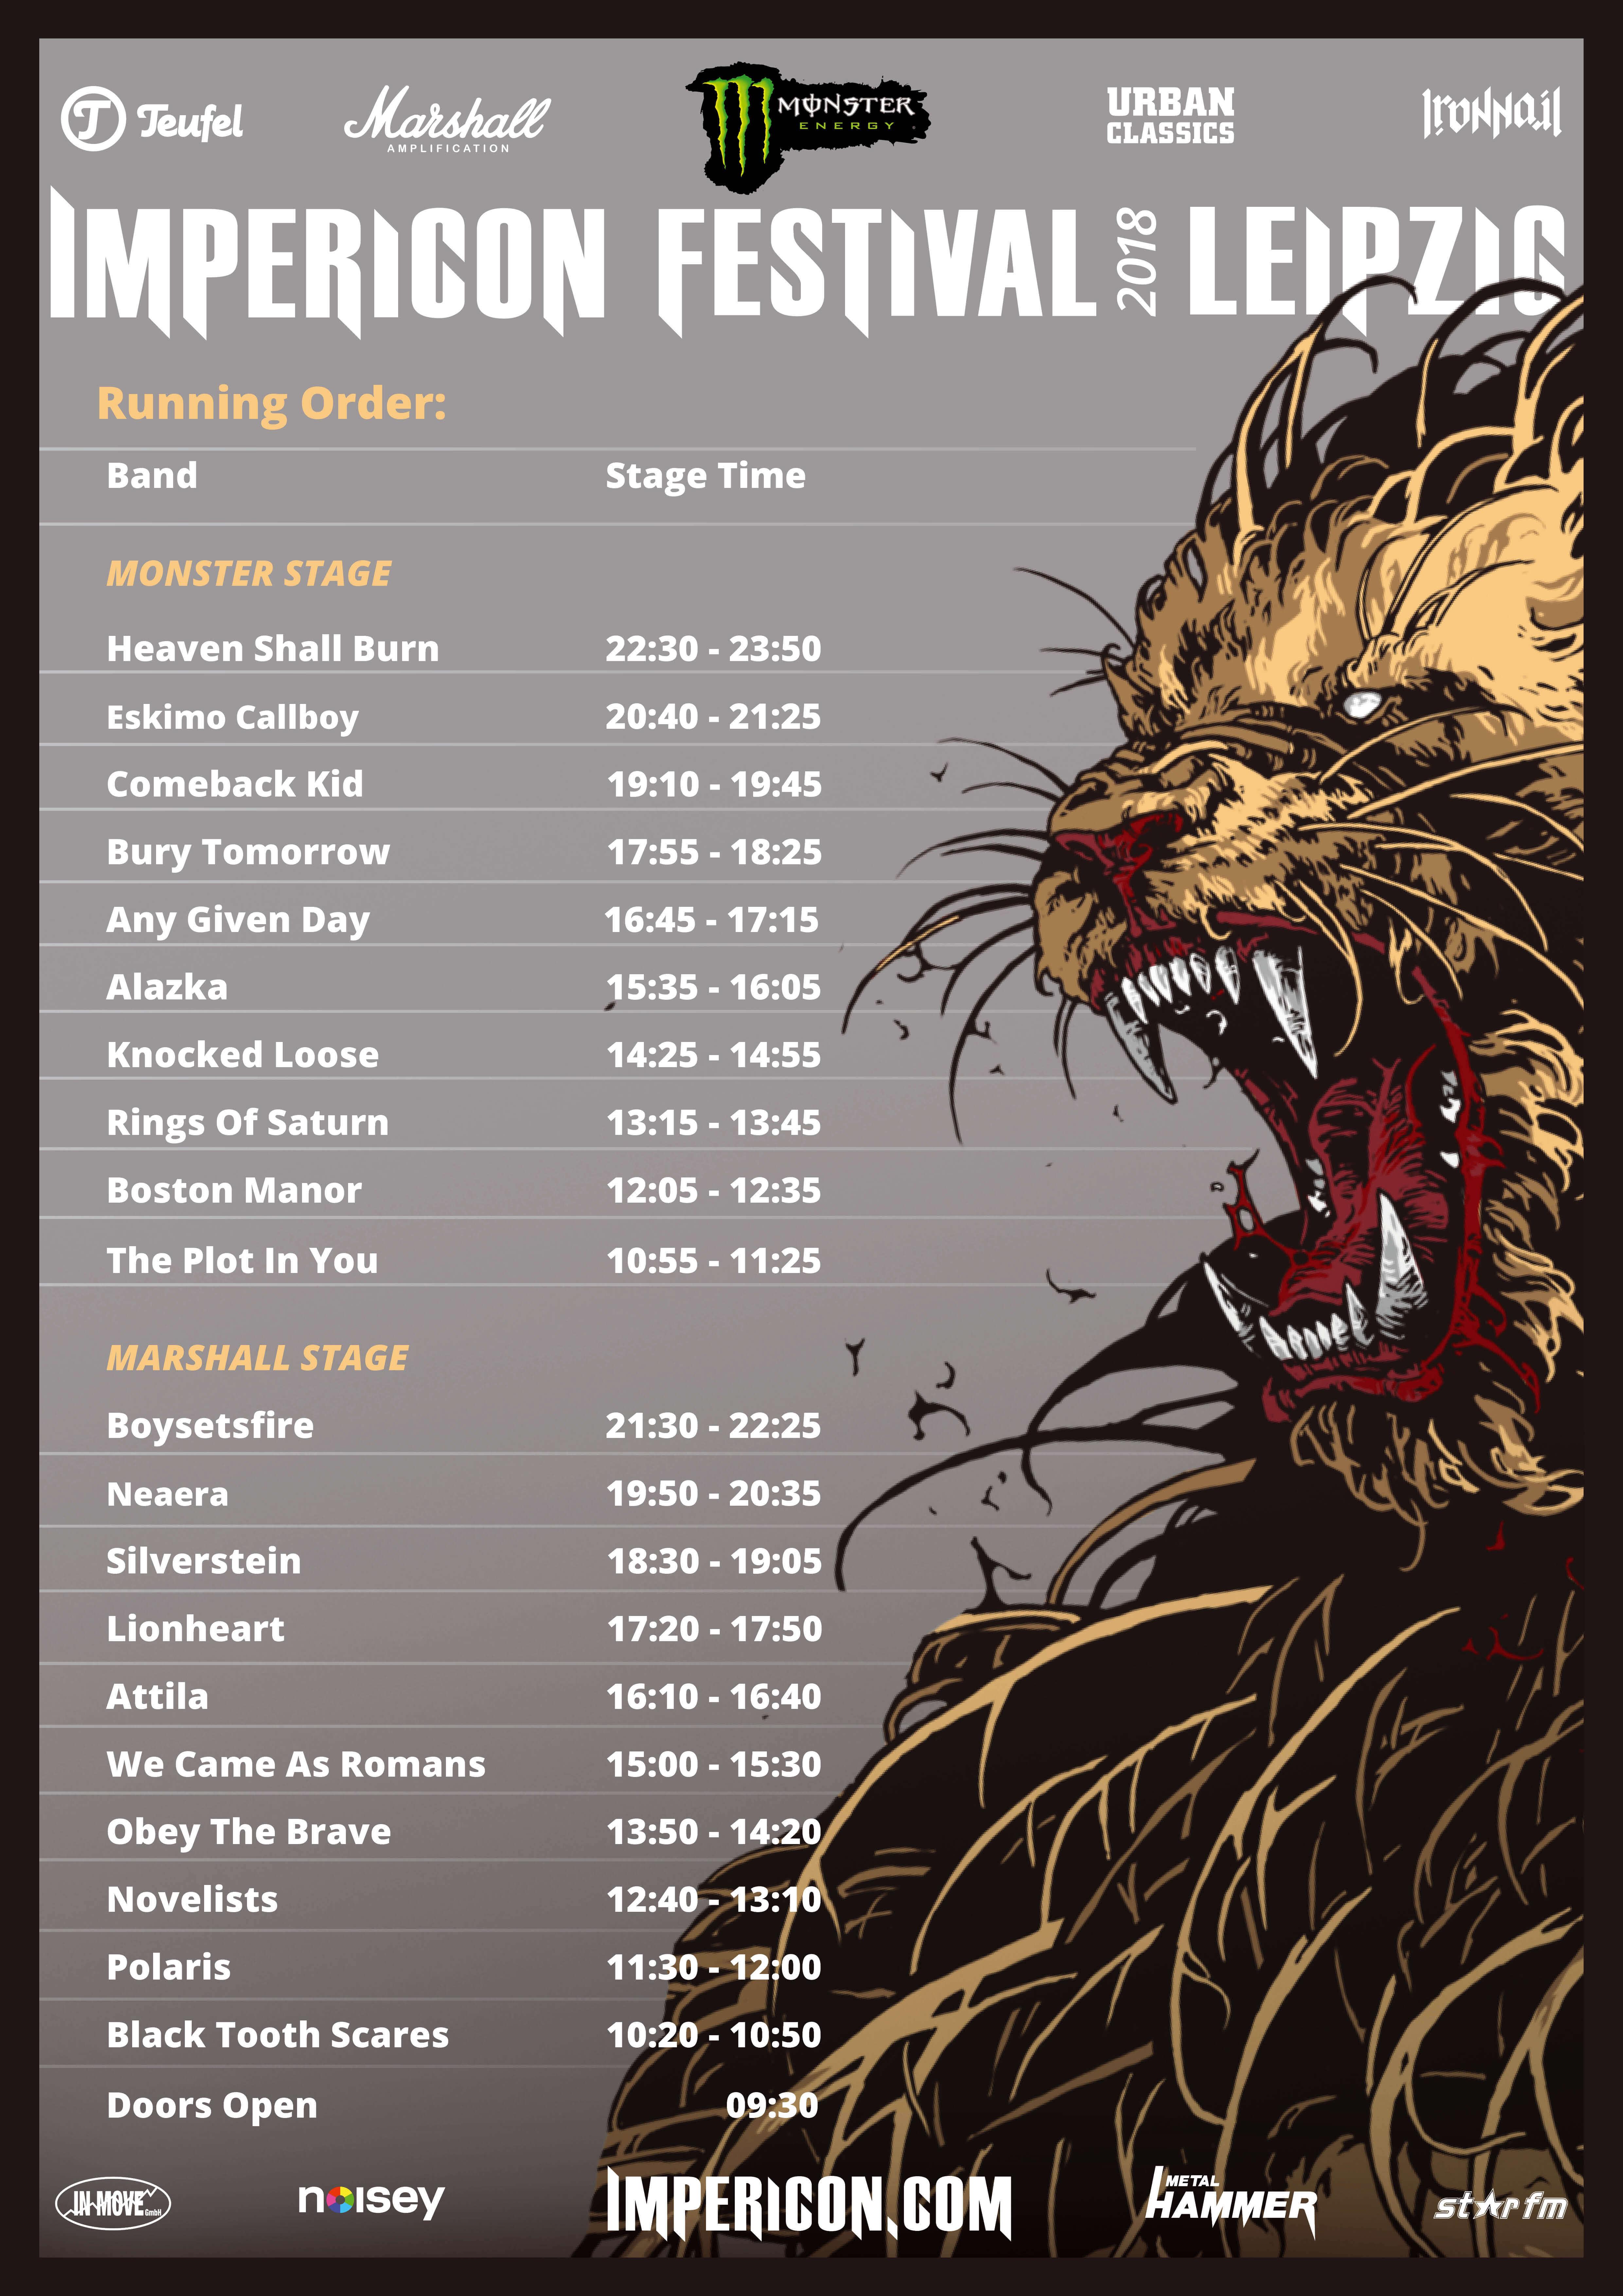 Running Order Impericon Festival Leipzig